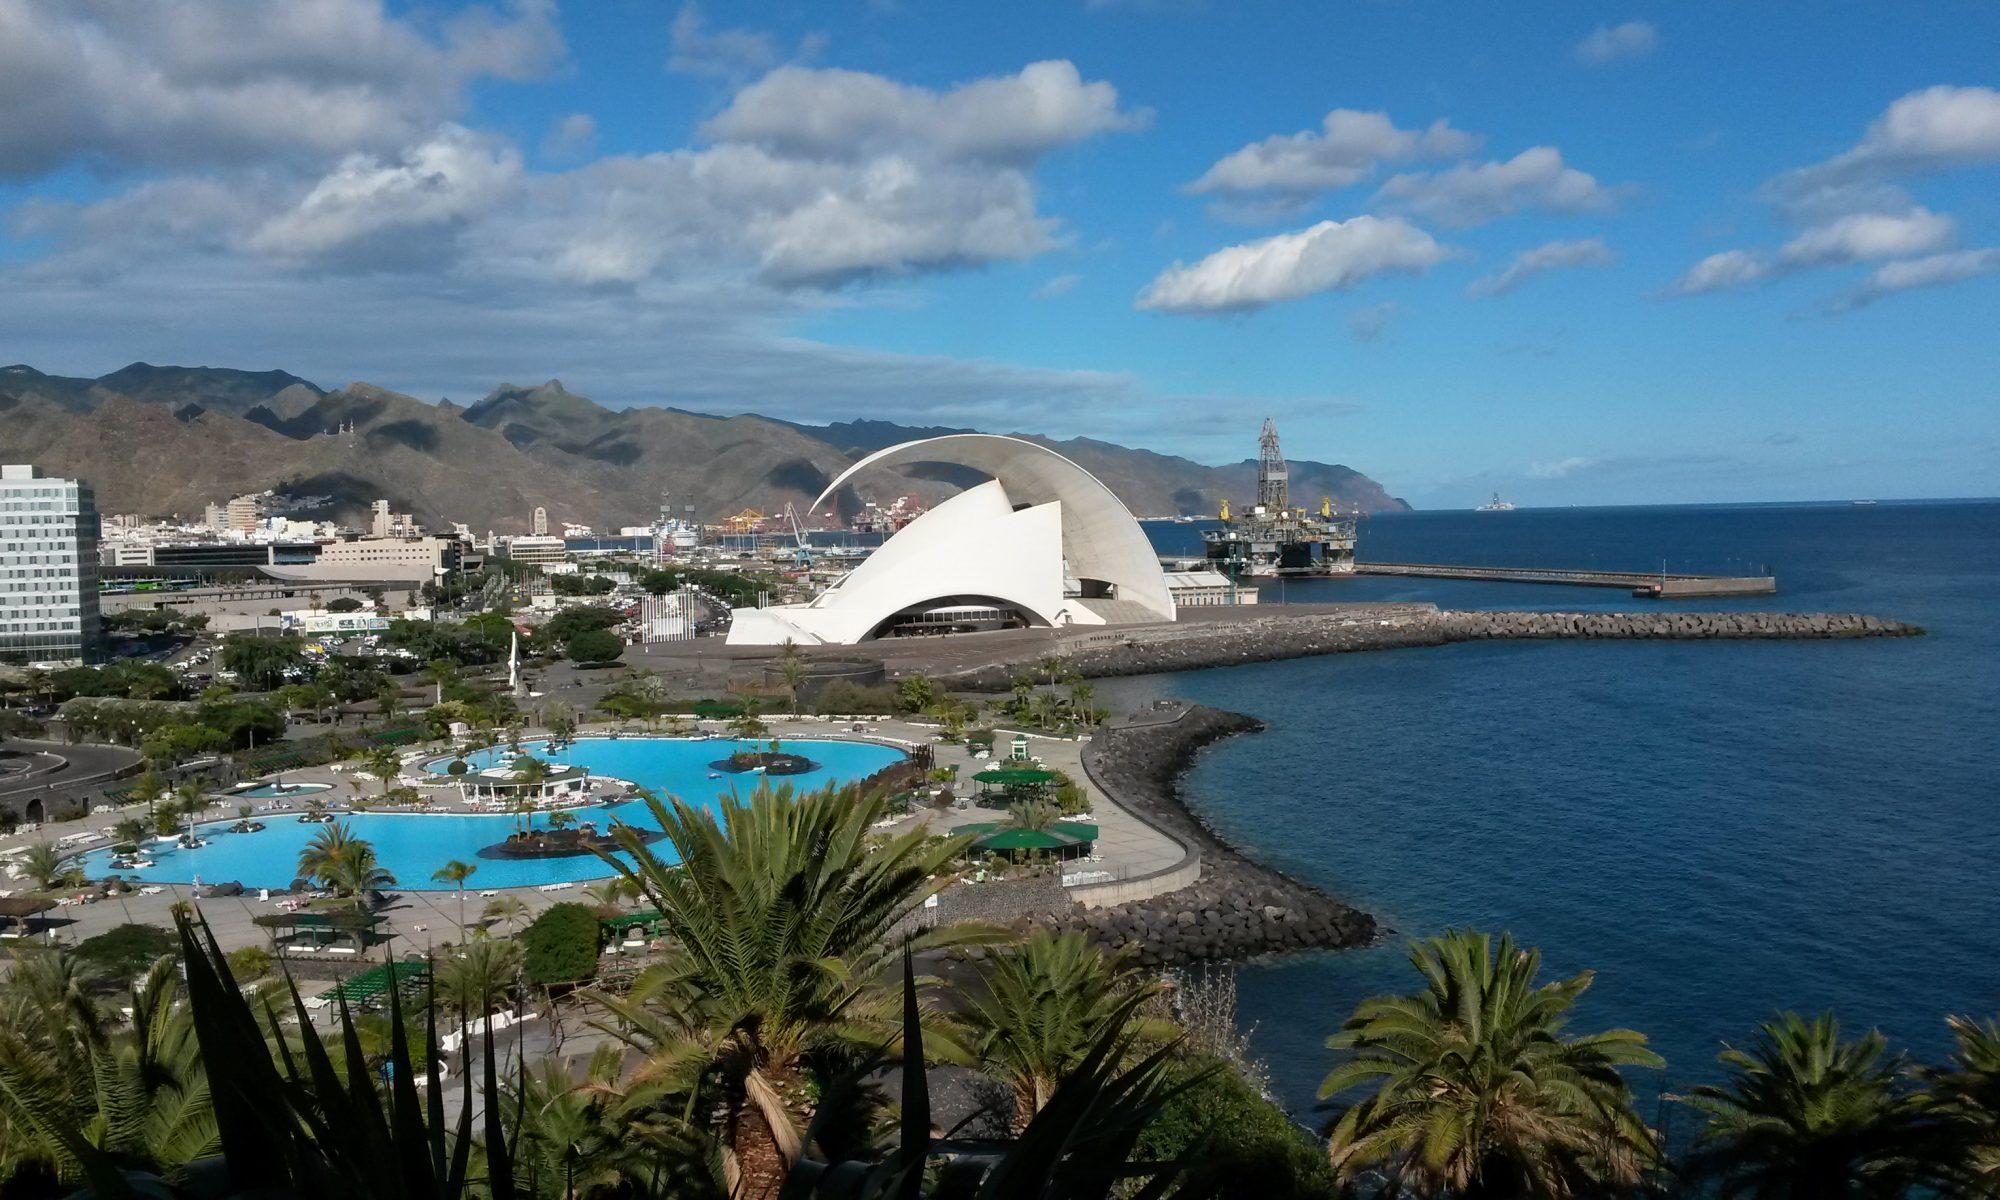 Hafen Santa Cruz de Tenerife - das Sprungbrett für eine Atlantik-Überquerung.